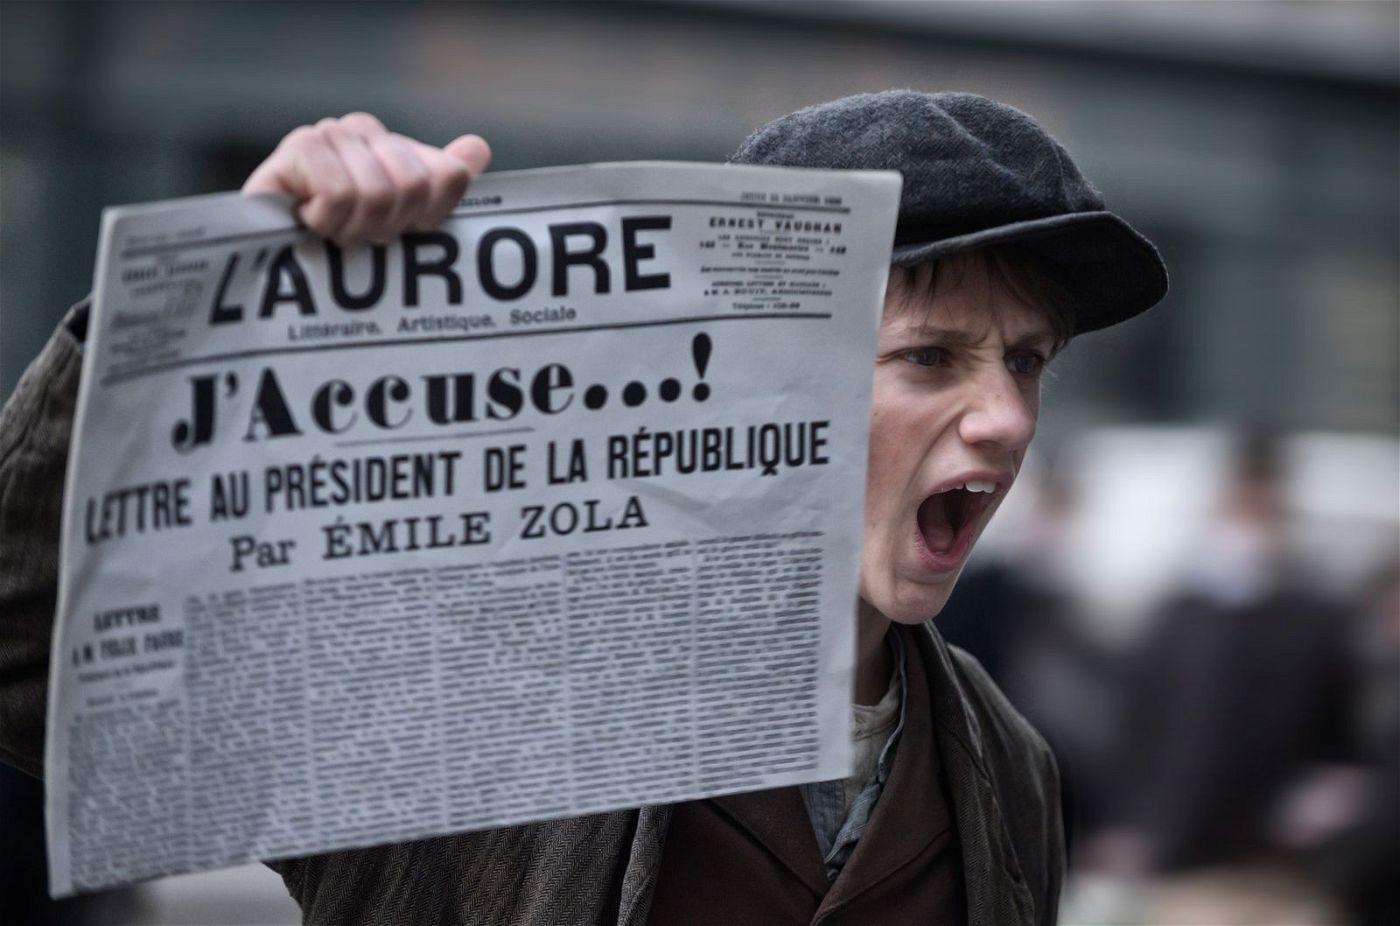 """In dem offenen Brief """"J'accuse...!"""" klagt Émile Zola die Obrigkeiten an. Auch Roman Polanskis Verfilmung der Dreyfus-Affäre ist eine Anklage."""